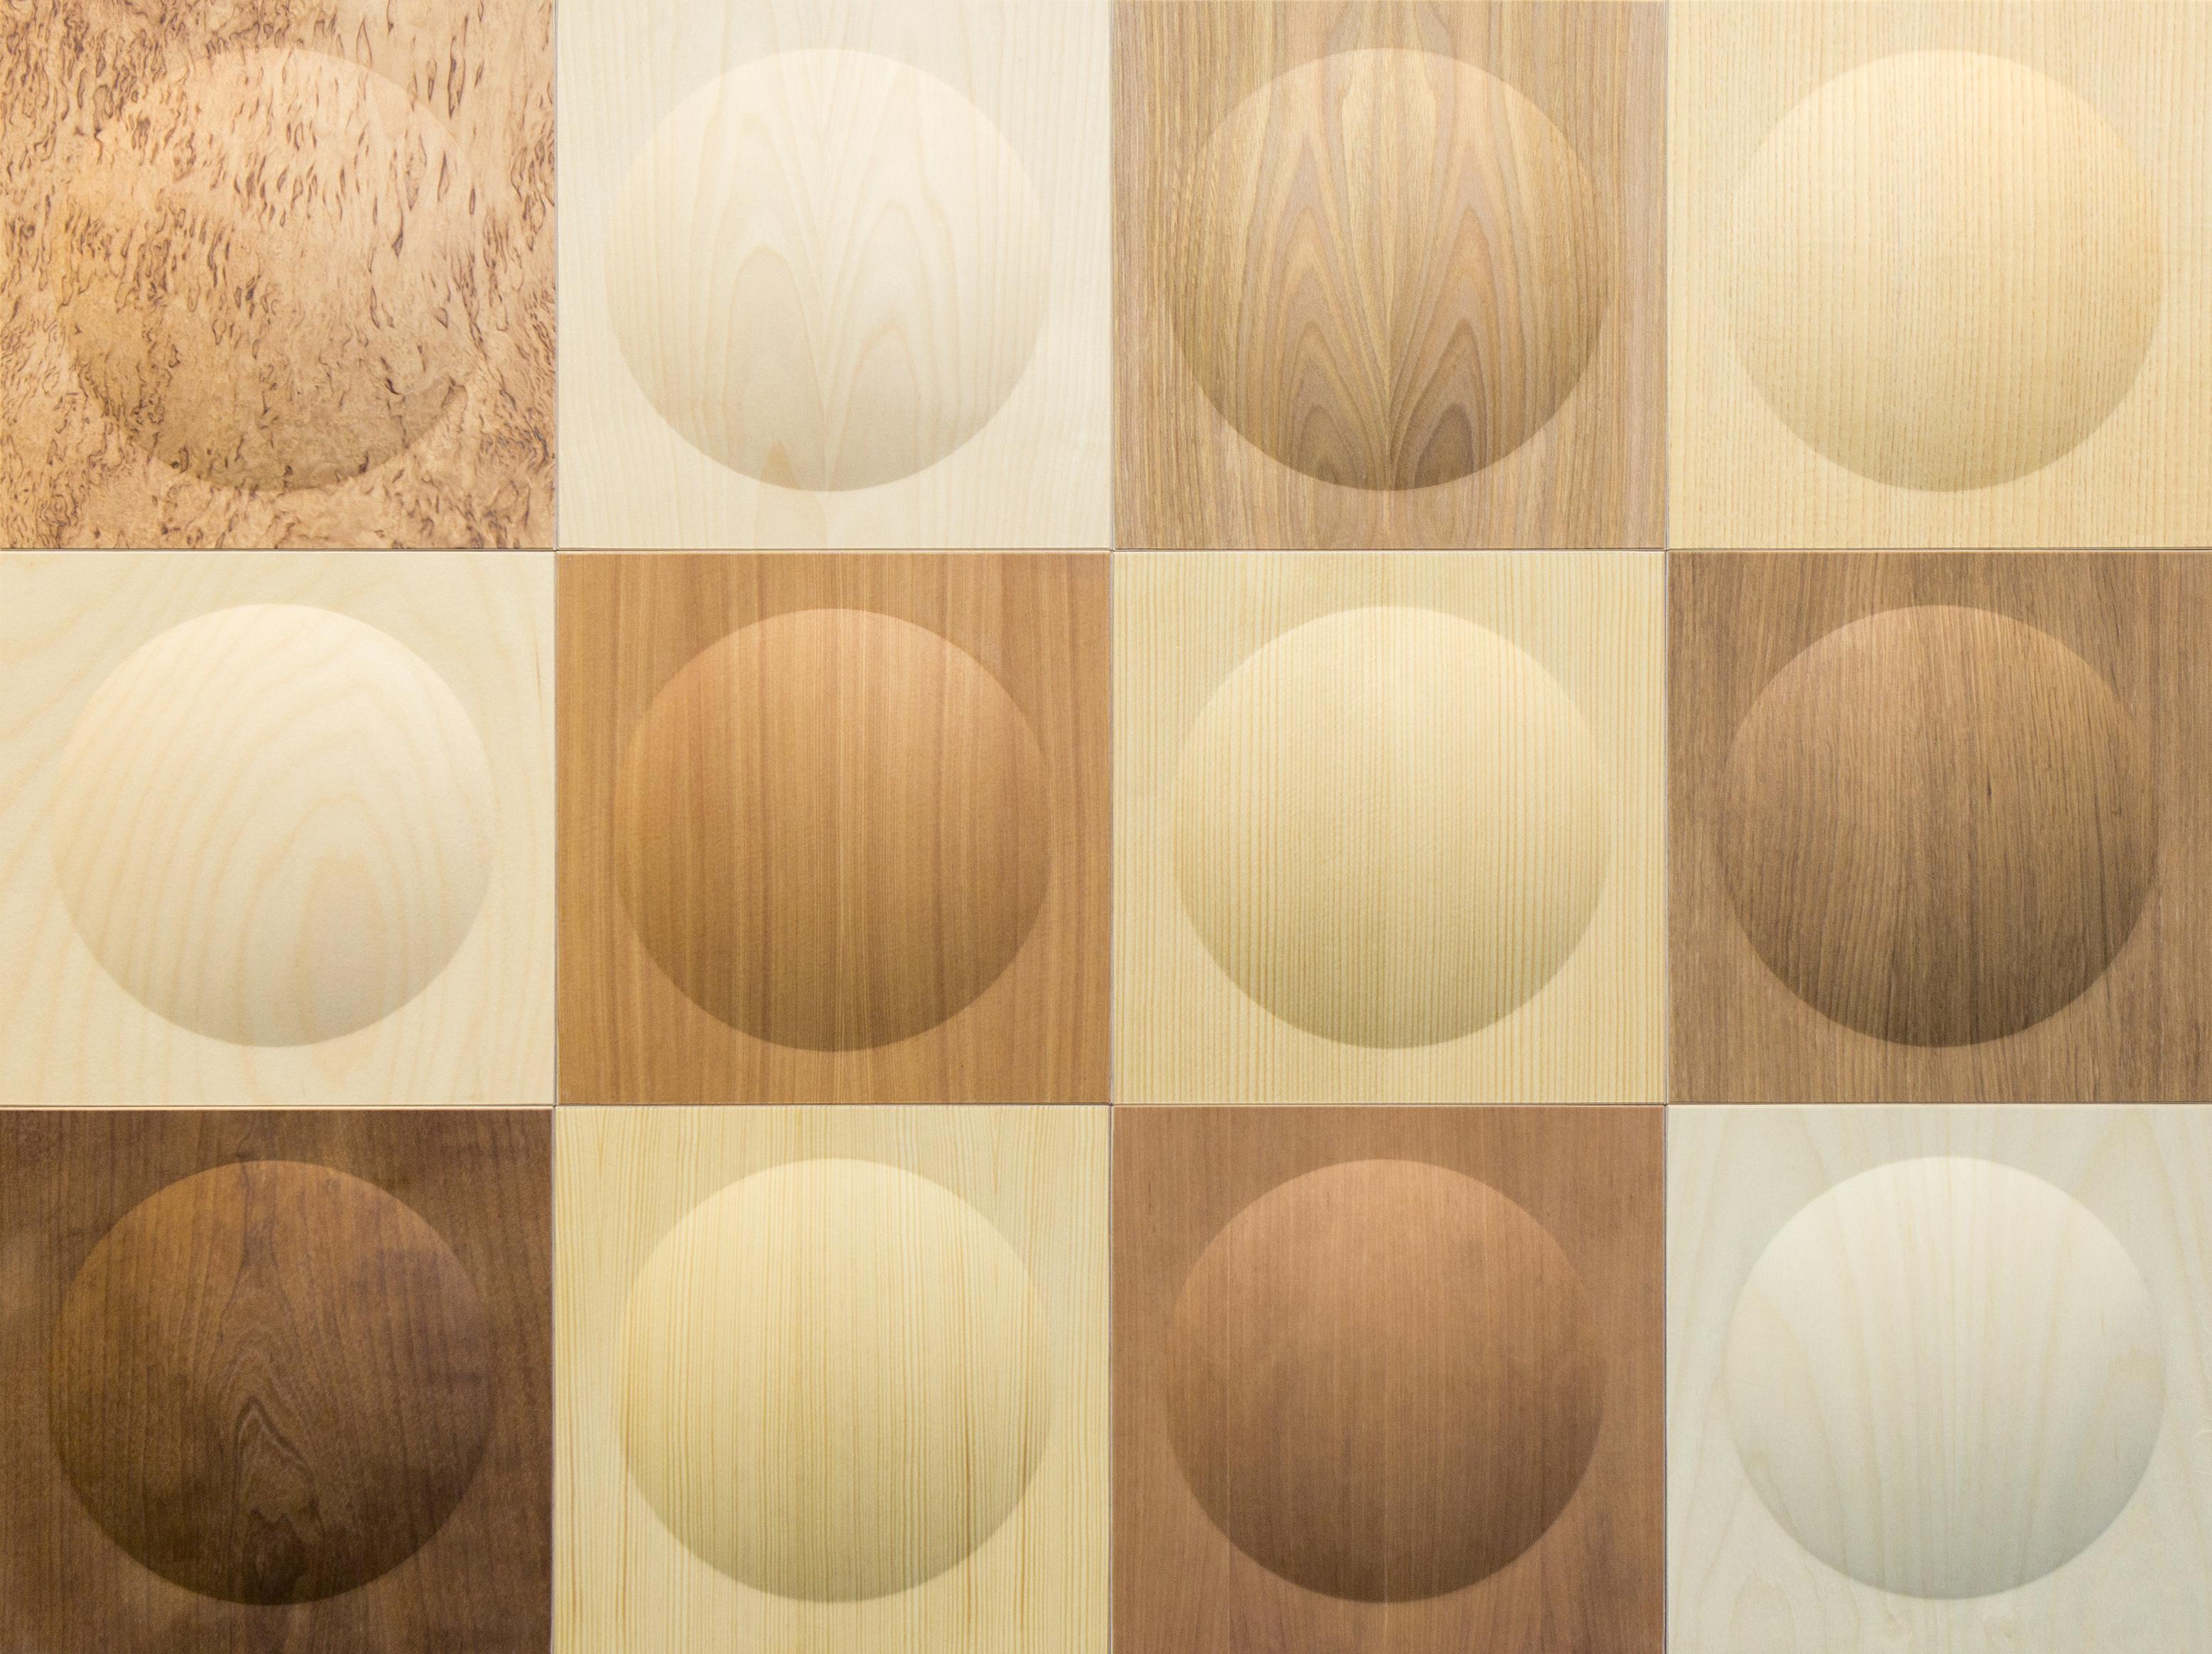 Haptic-sisustusratkaisu: Puulalijt puhuvat puuinfolle. Kuva: Karell Design